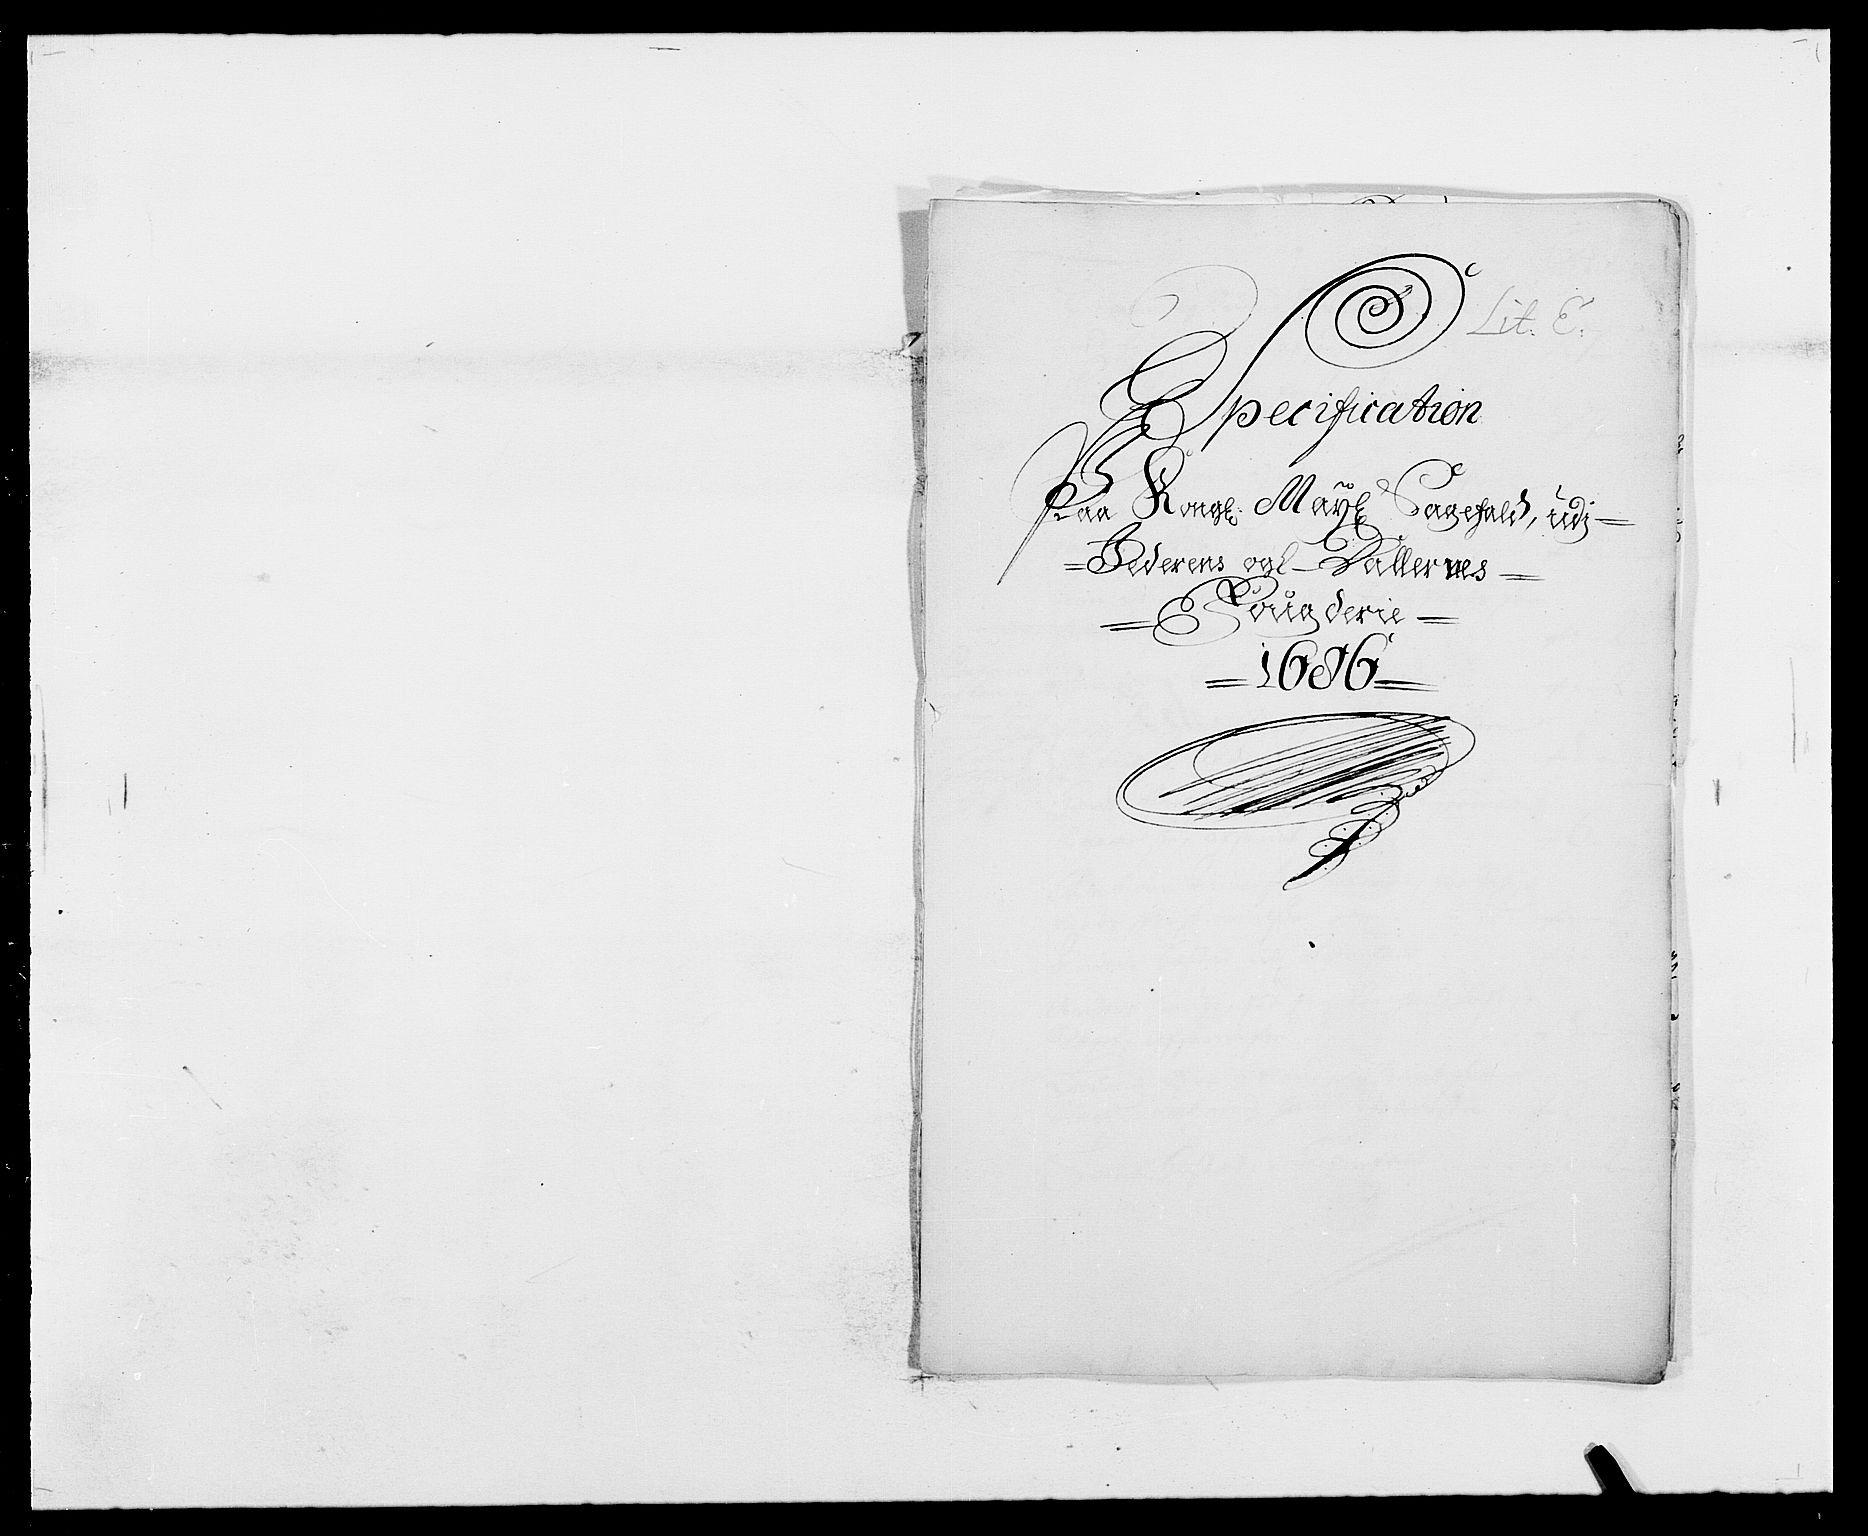 RA, Rentekammeret inntil 1814, Reviderte regnskaper, Fogderegnskap, R46/L2726: Fogderegnskap Jæren og Dalane, 1686-1689, s. 84